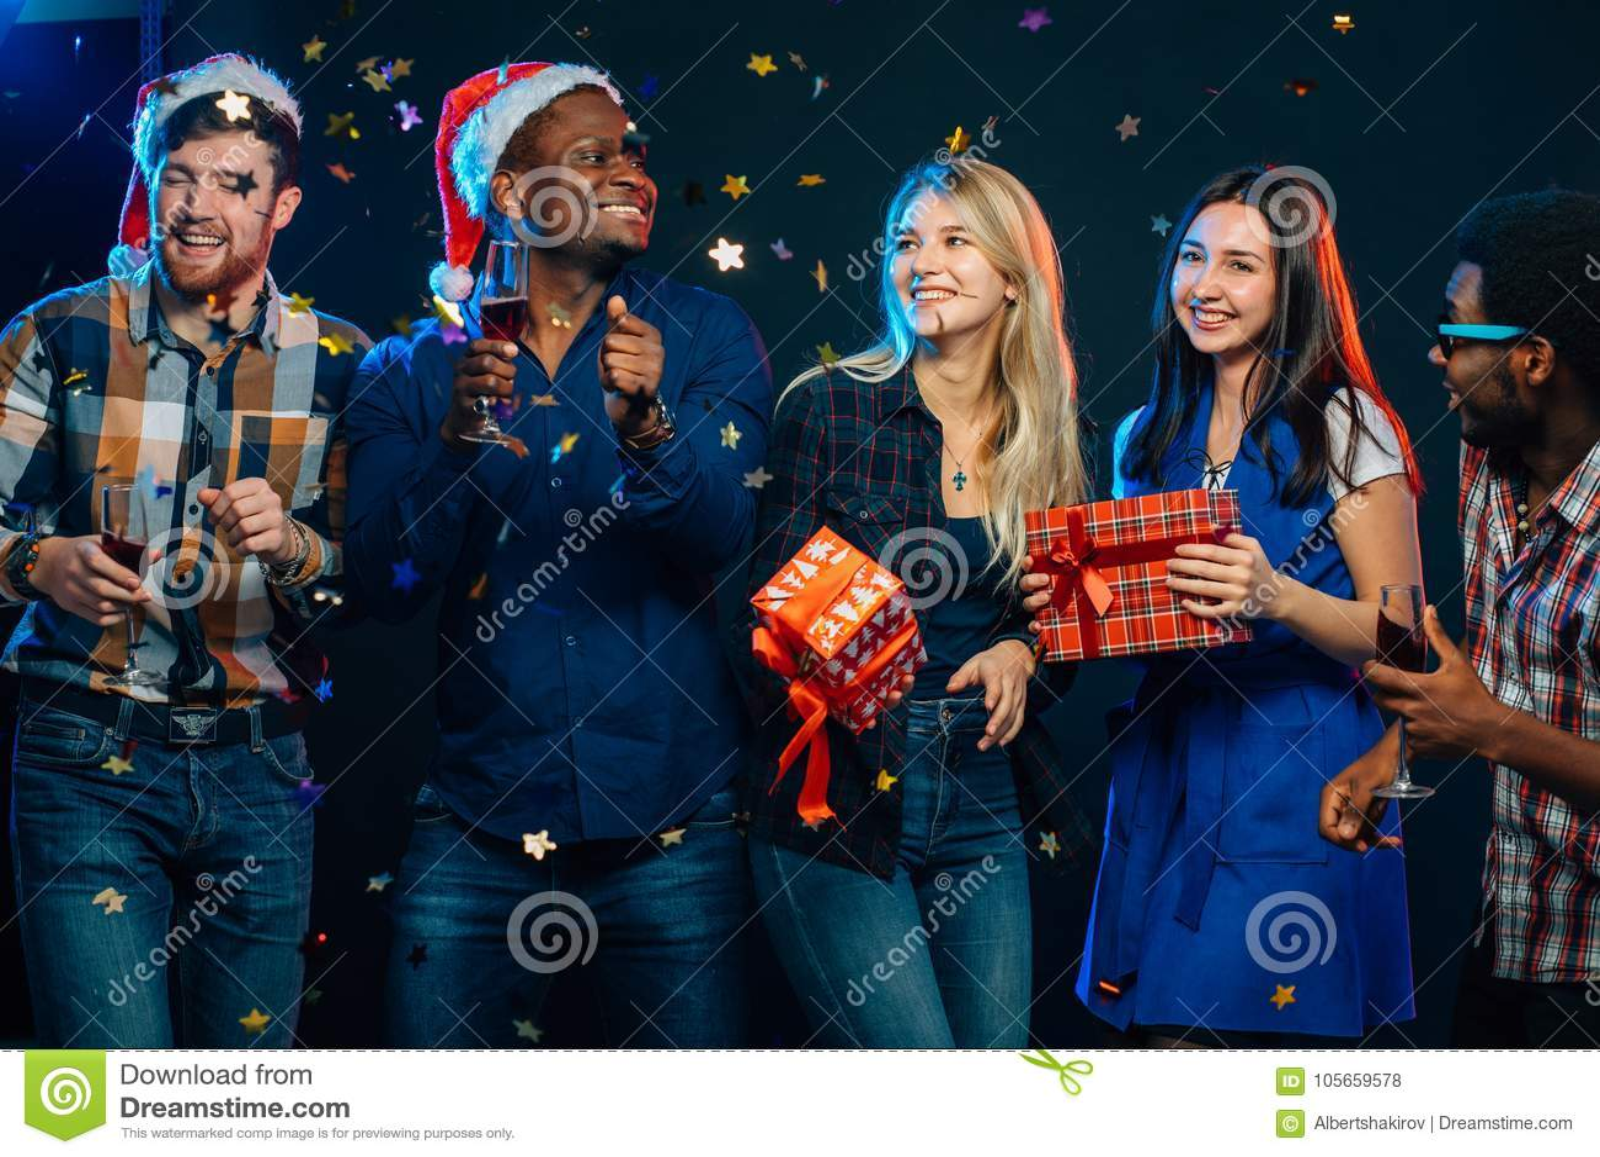 一起庆祝新年 小组圣诞老人帽子的美丽的青年人